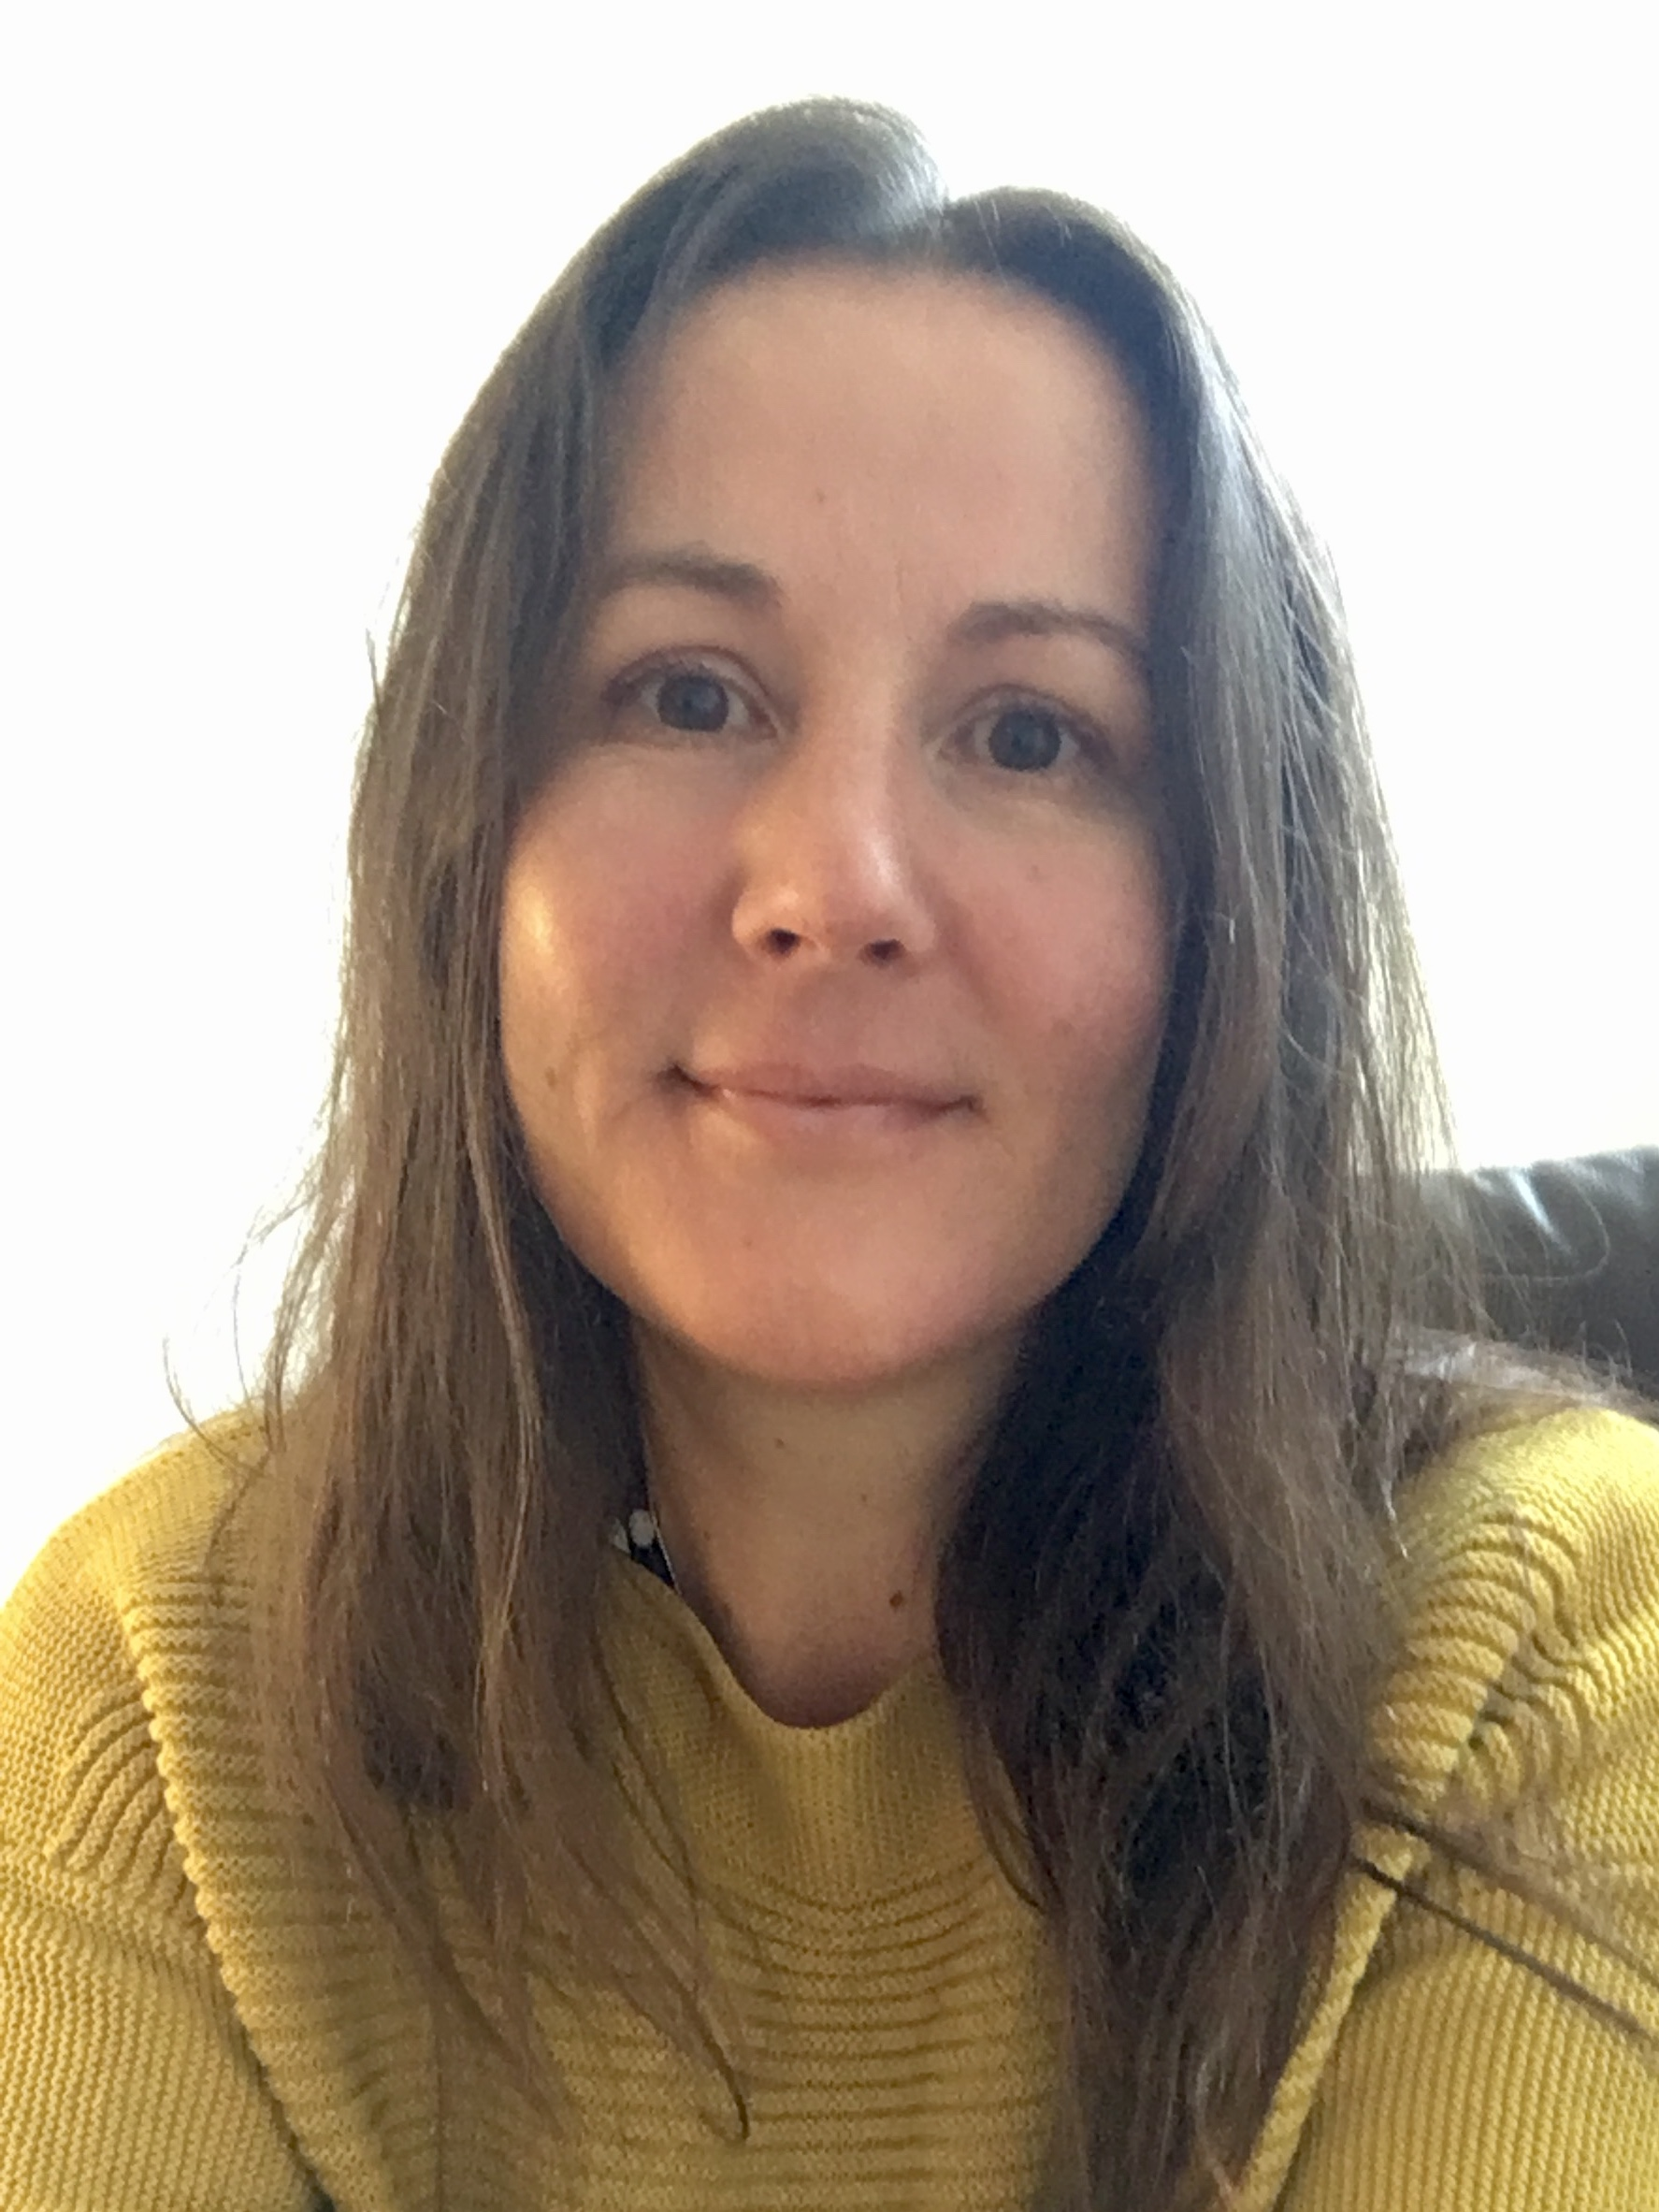 Melanie Michelson